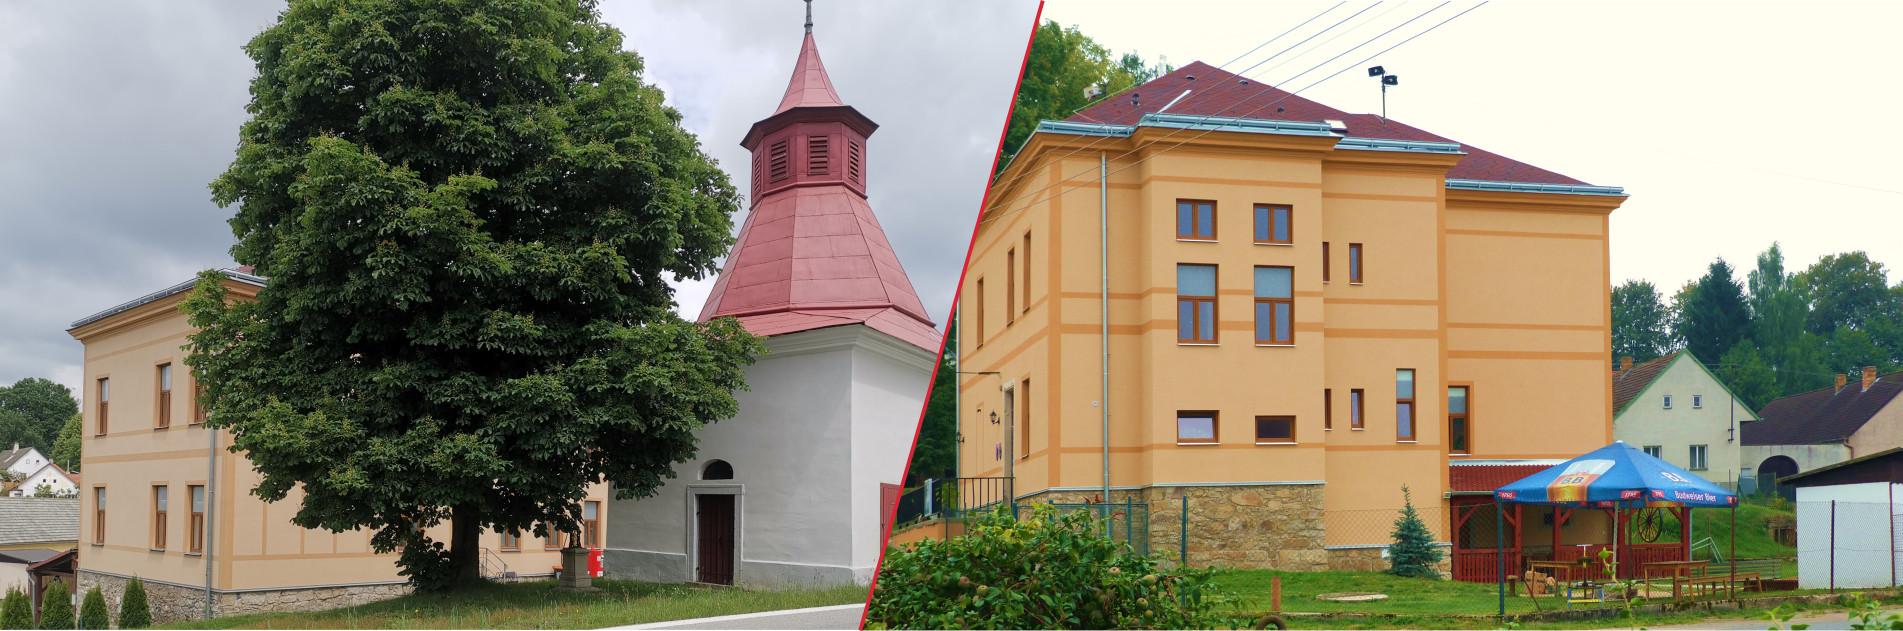 Pohled na obecní úřad a kapličku v Nové Olešné